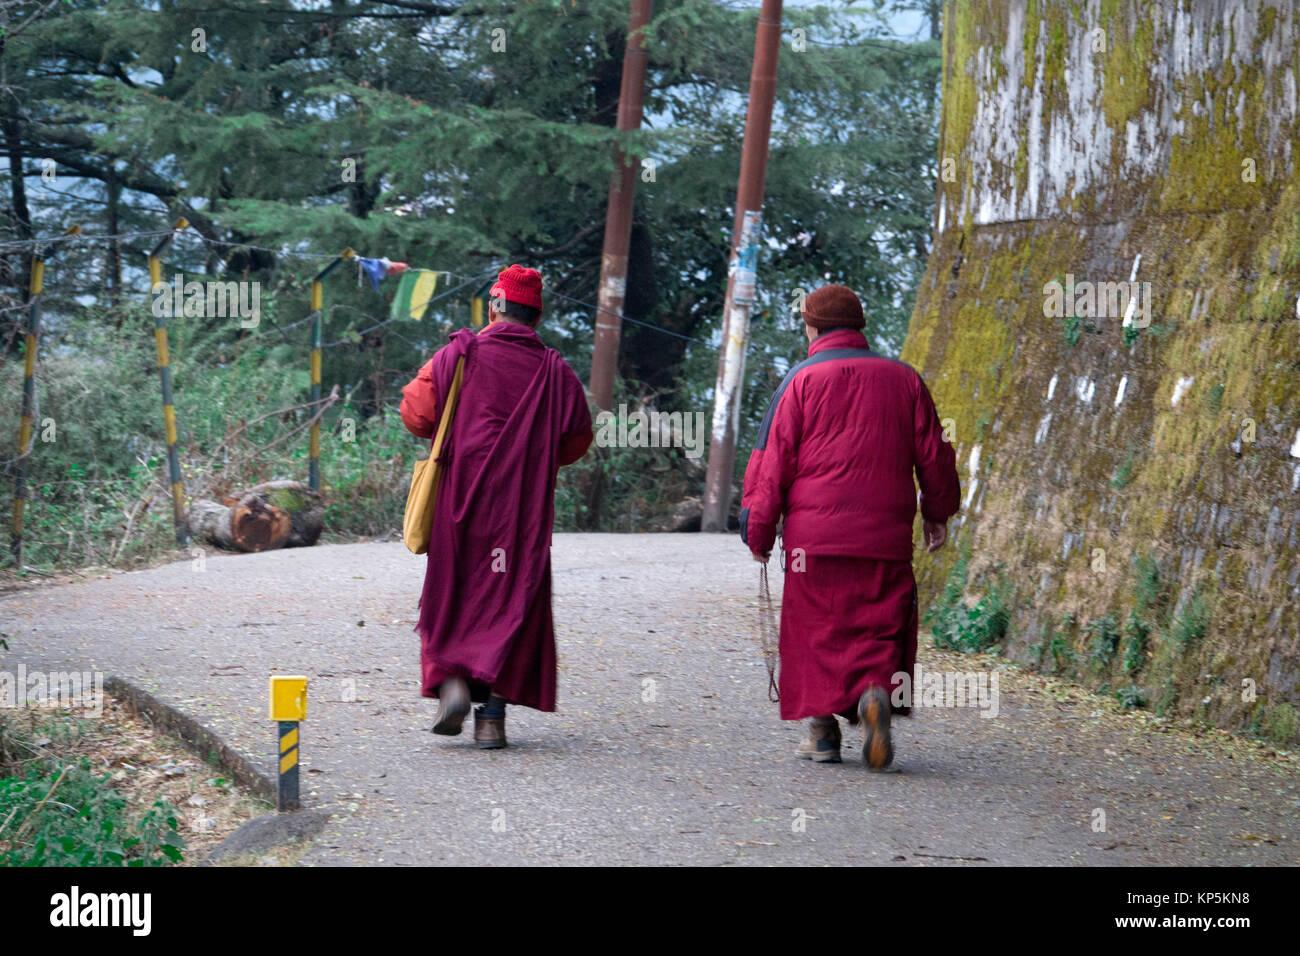 Les moines bouddhistes, marcher le long de route à Mcleod Ganj, Himachal Pradesh, Inde Photo Stock